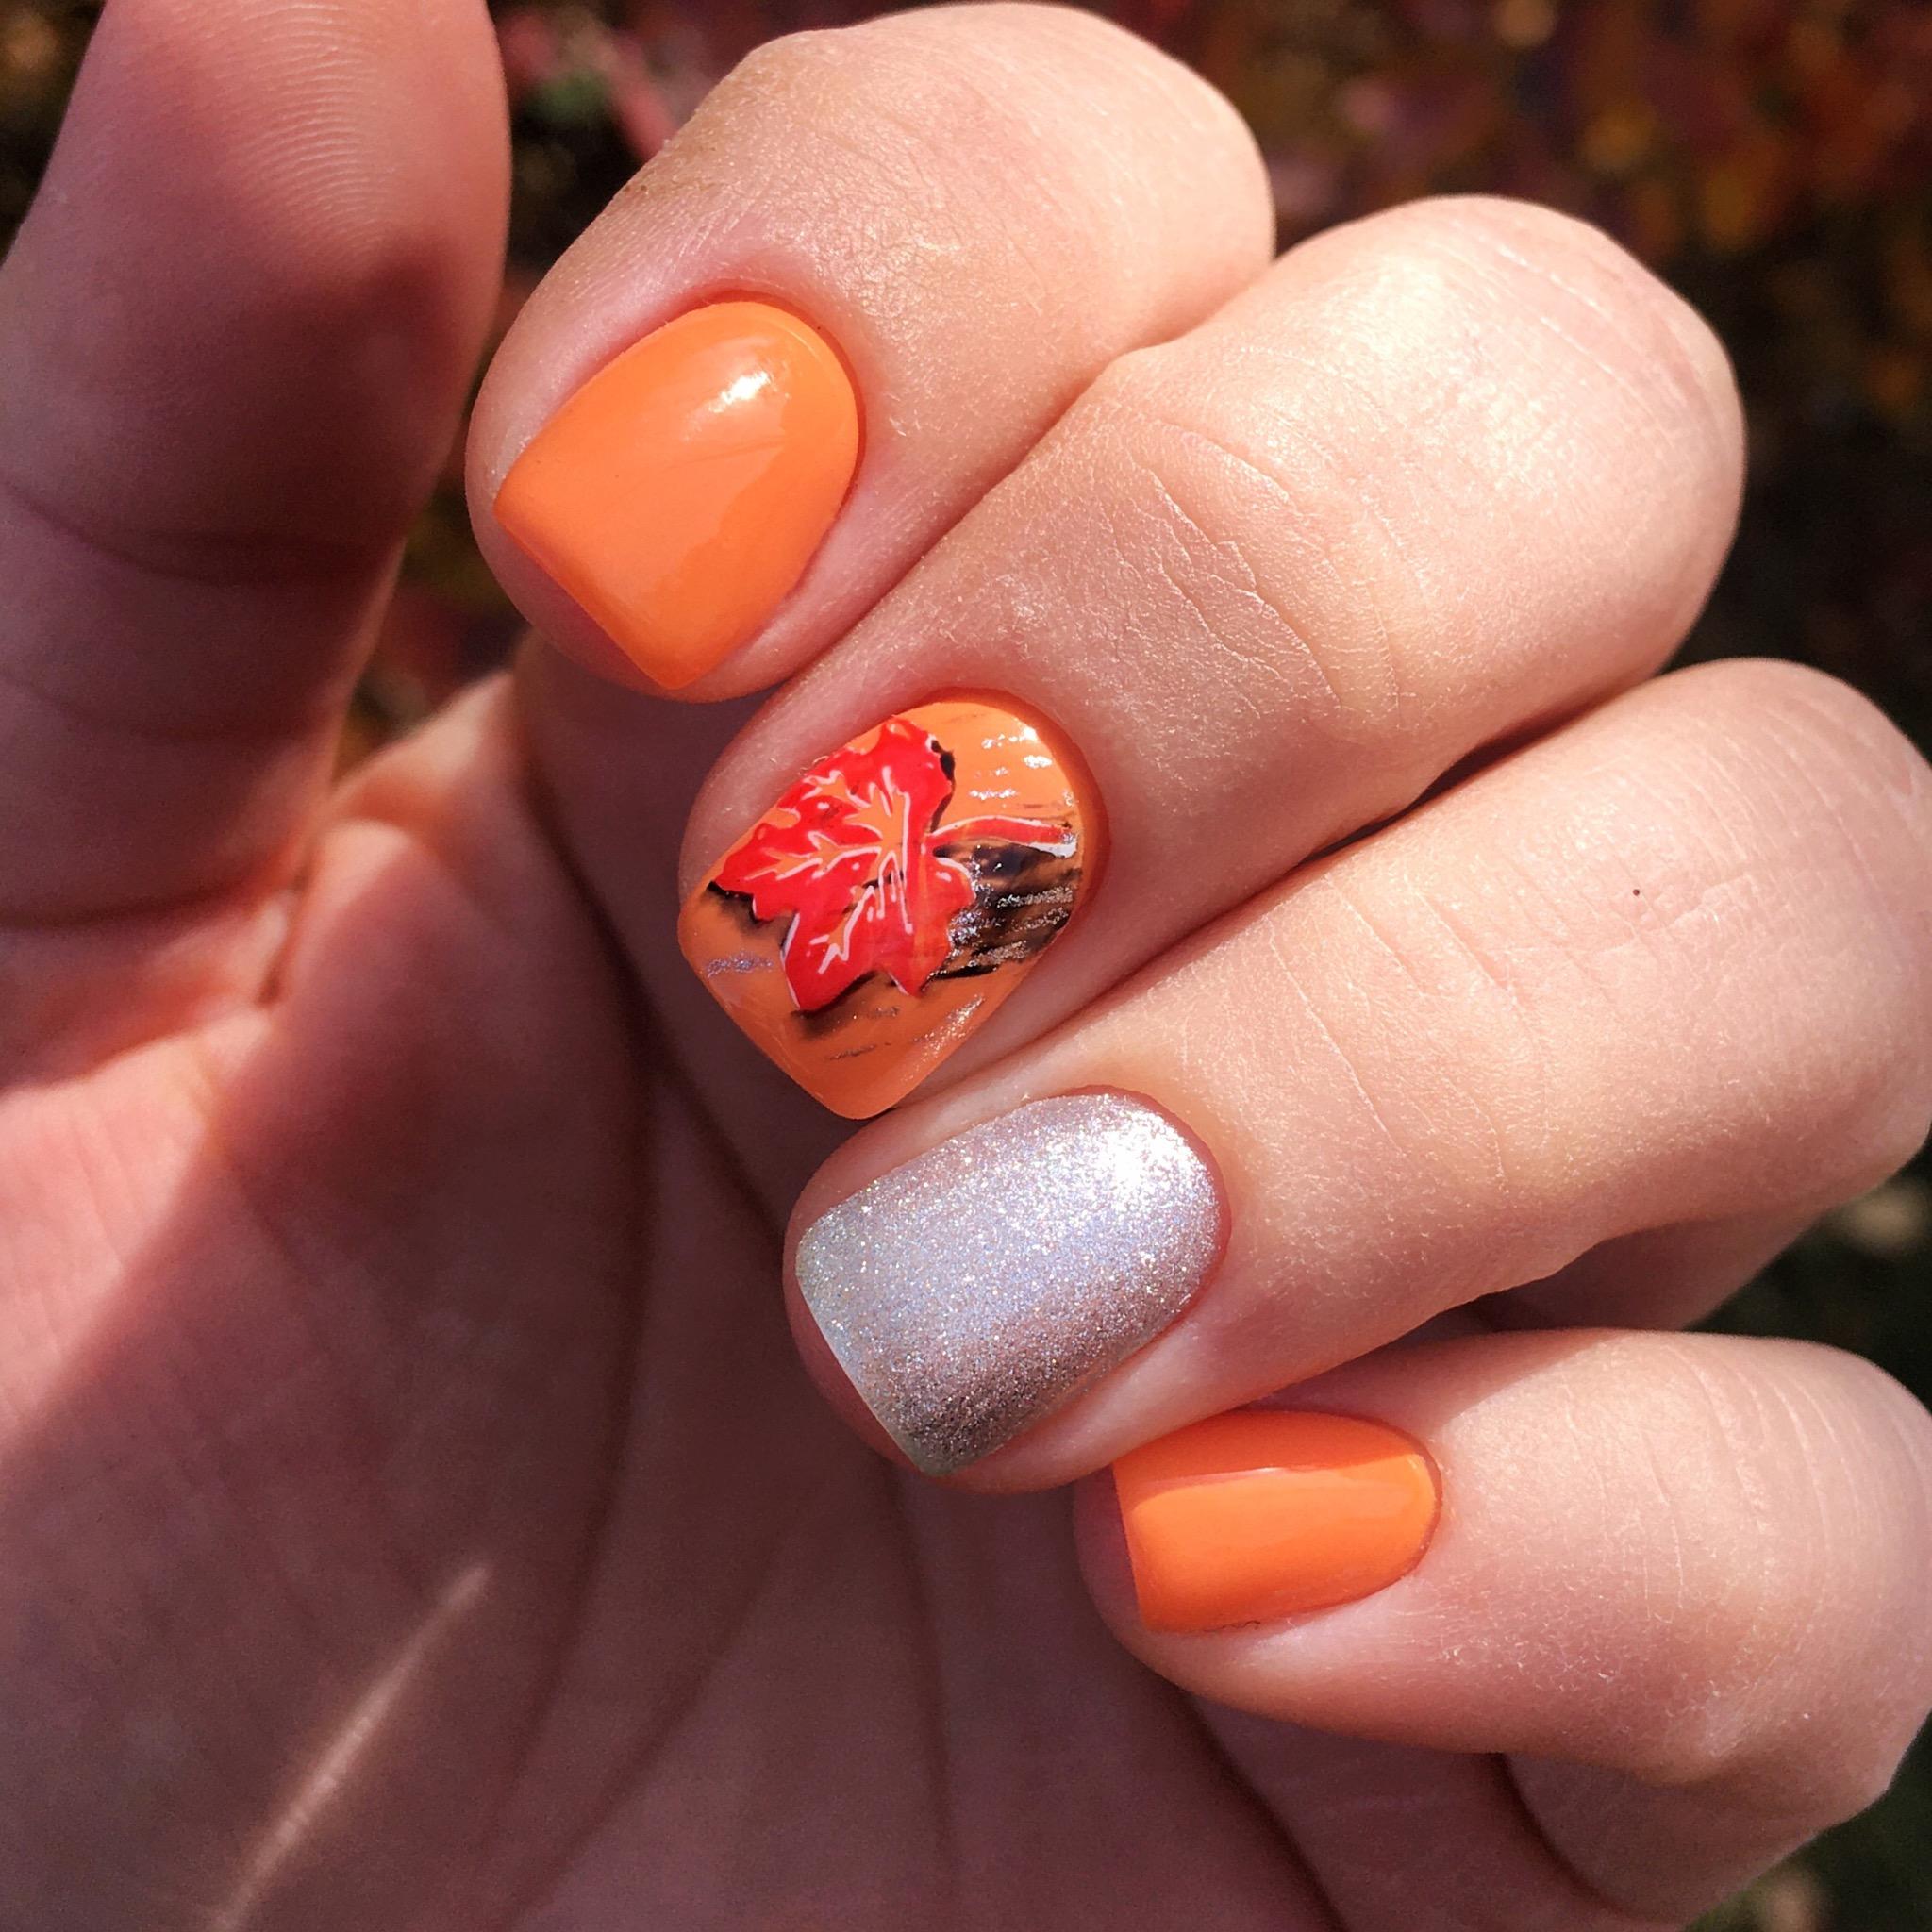 Осенний маникюр с кленовым листом и серебряными блестками в оранжевом цветен а короткие ногти.